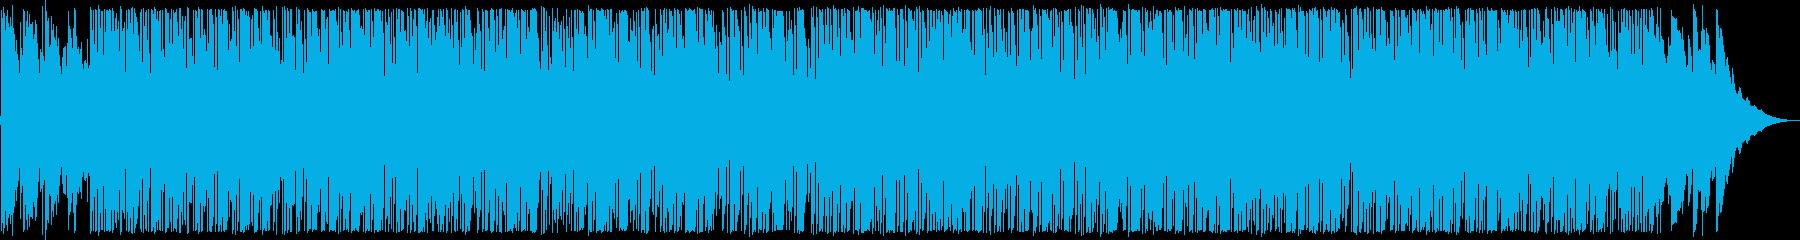 おしゃれなギターサウンドブルース系の再生済みの波形